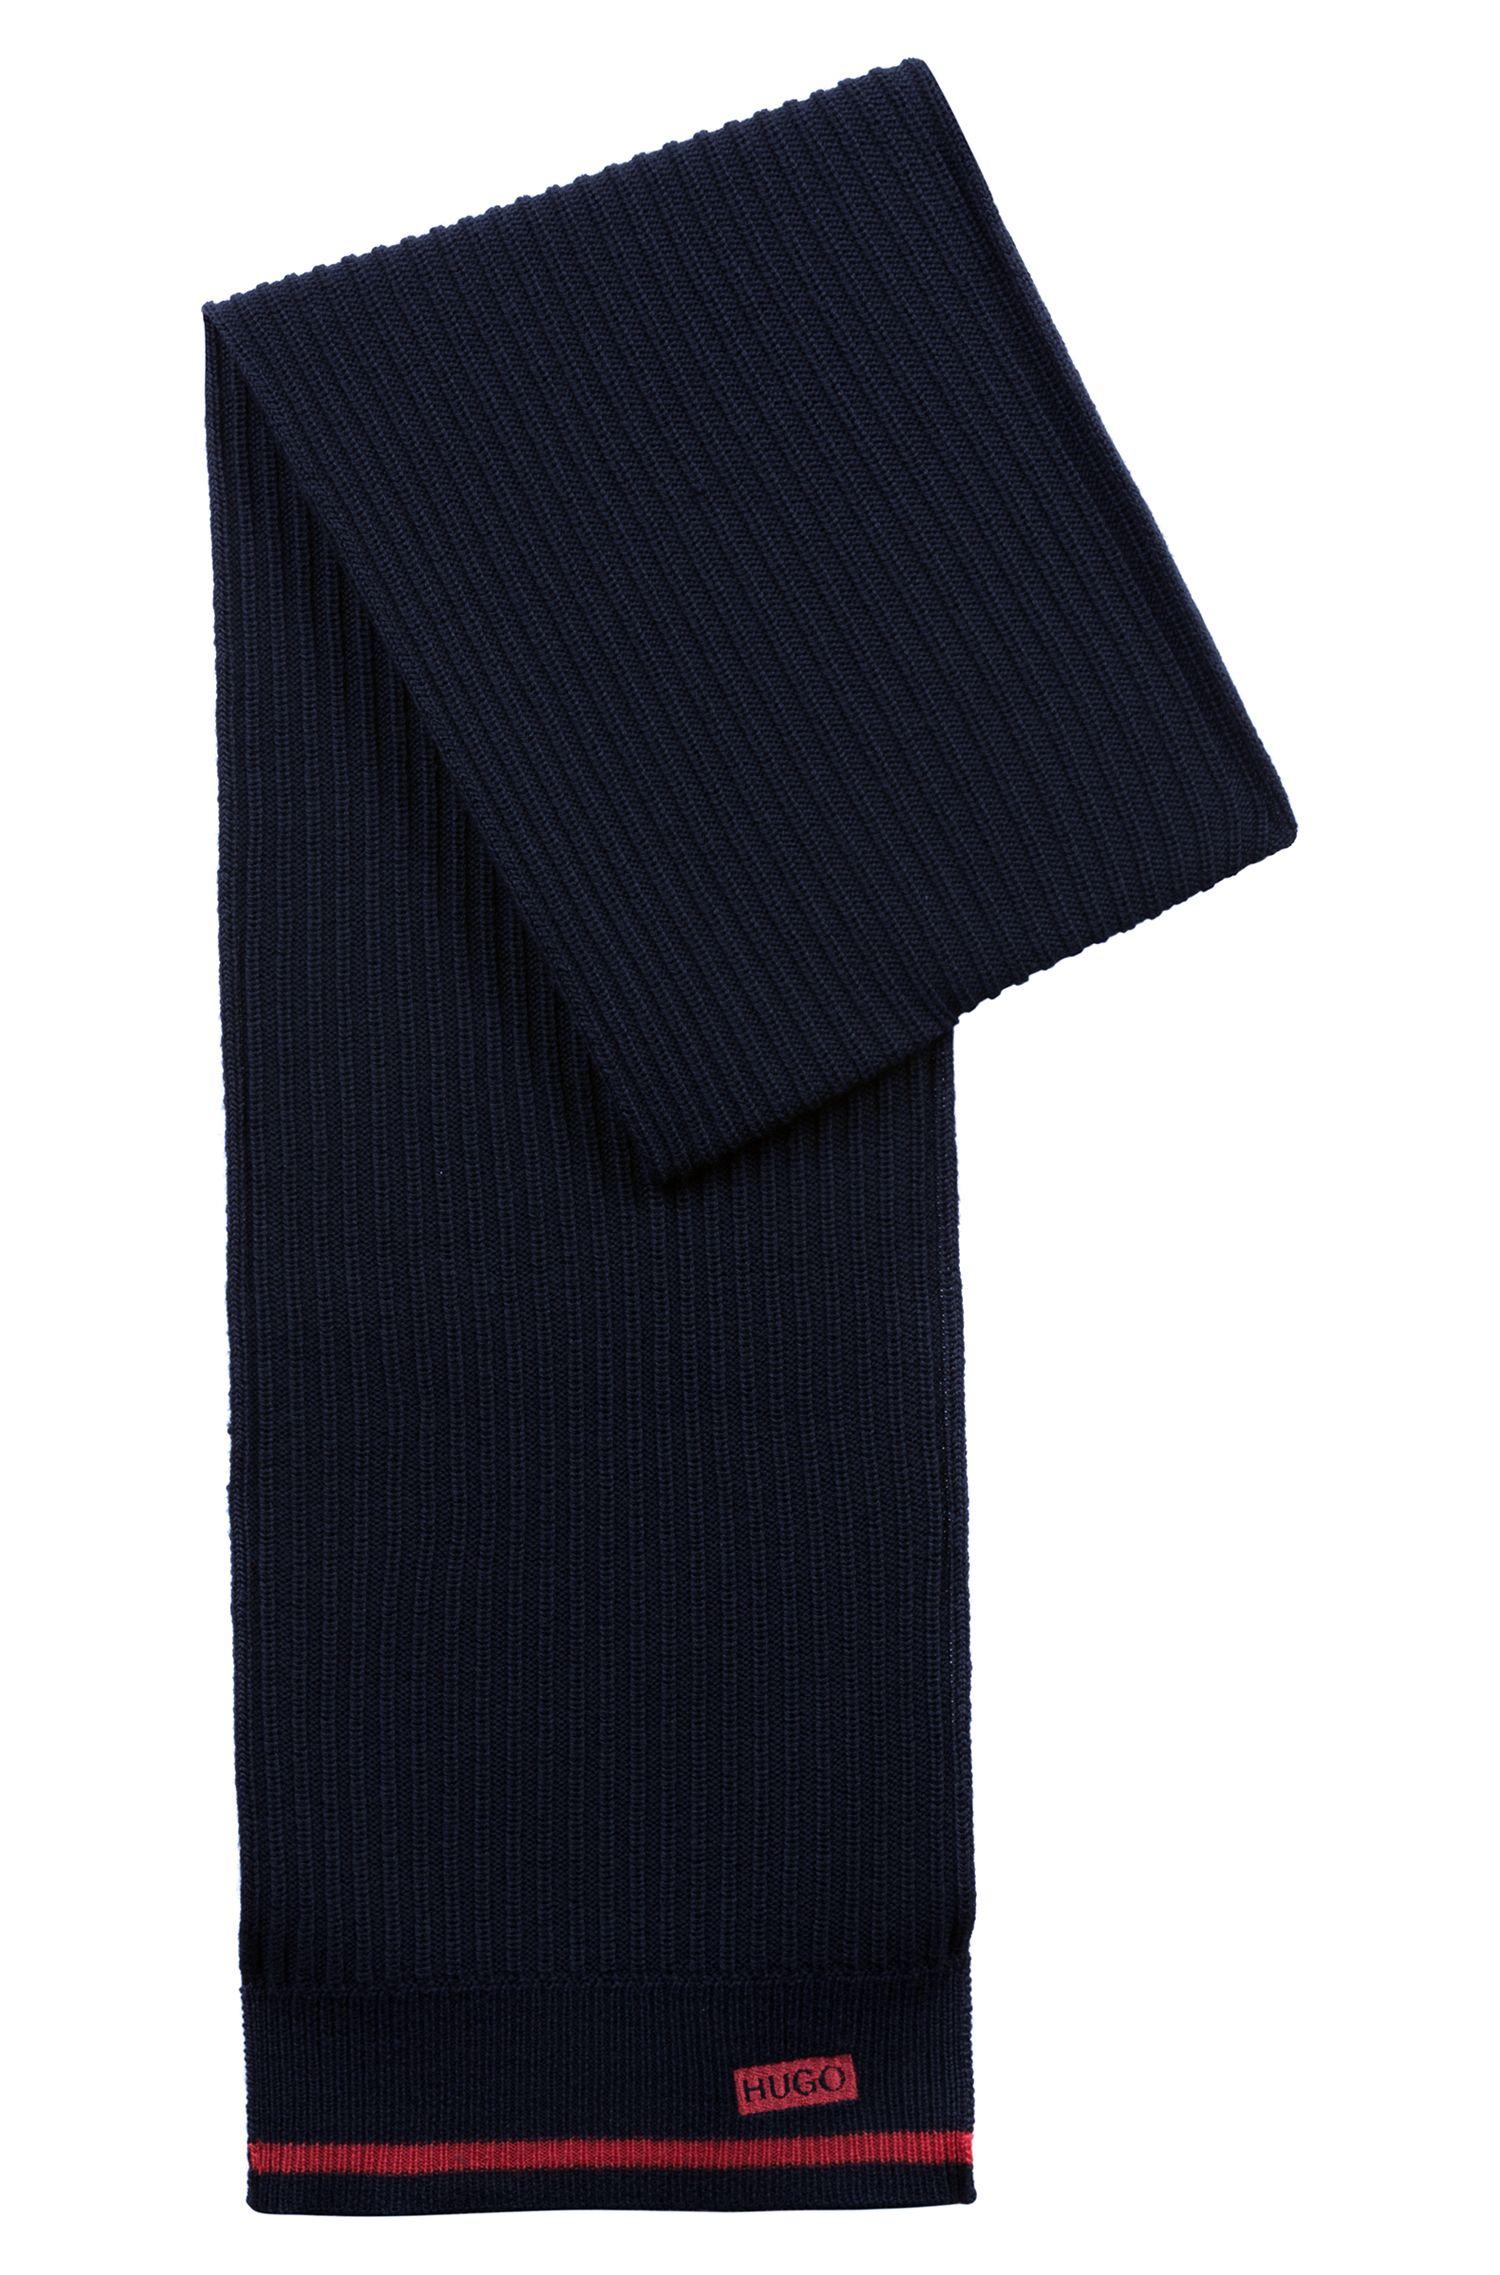 Gerippter Schal aus Merinowolle mit Streifen-Dessin, Dunkelblau